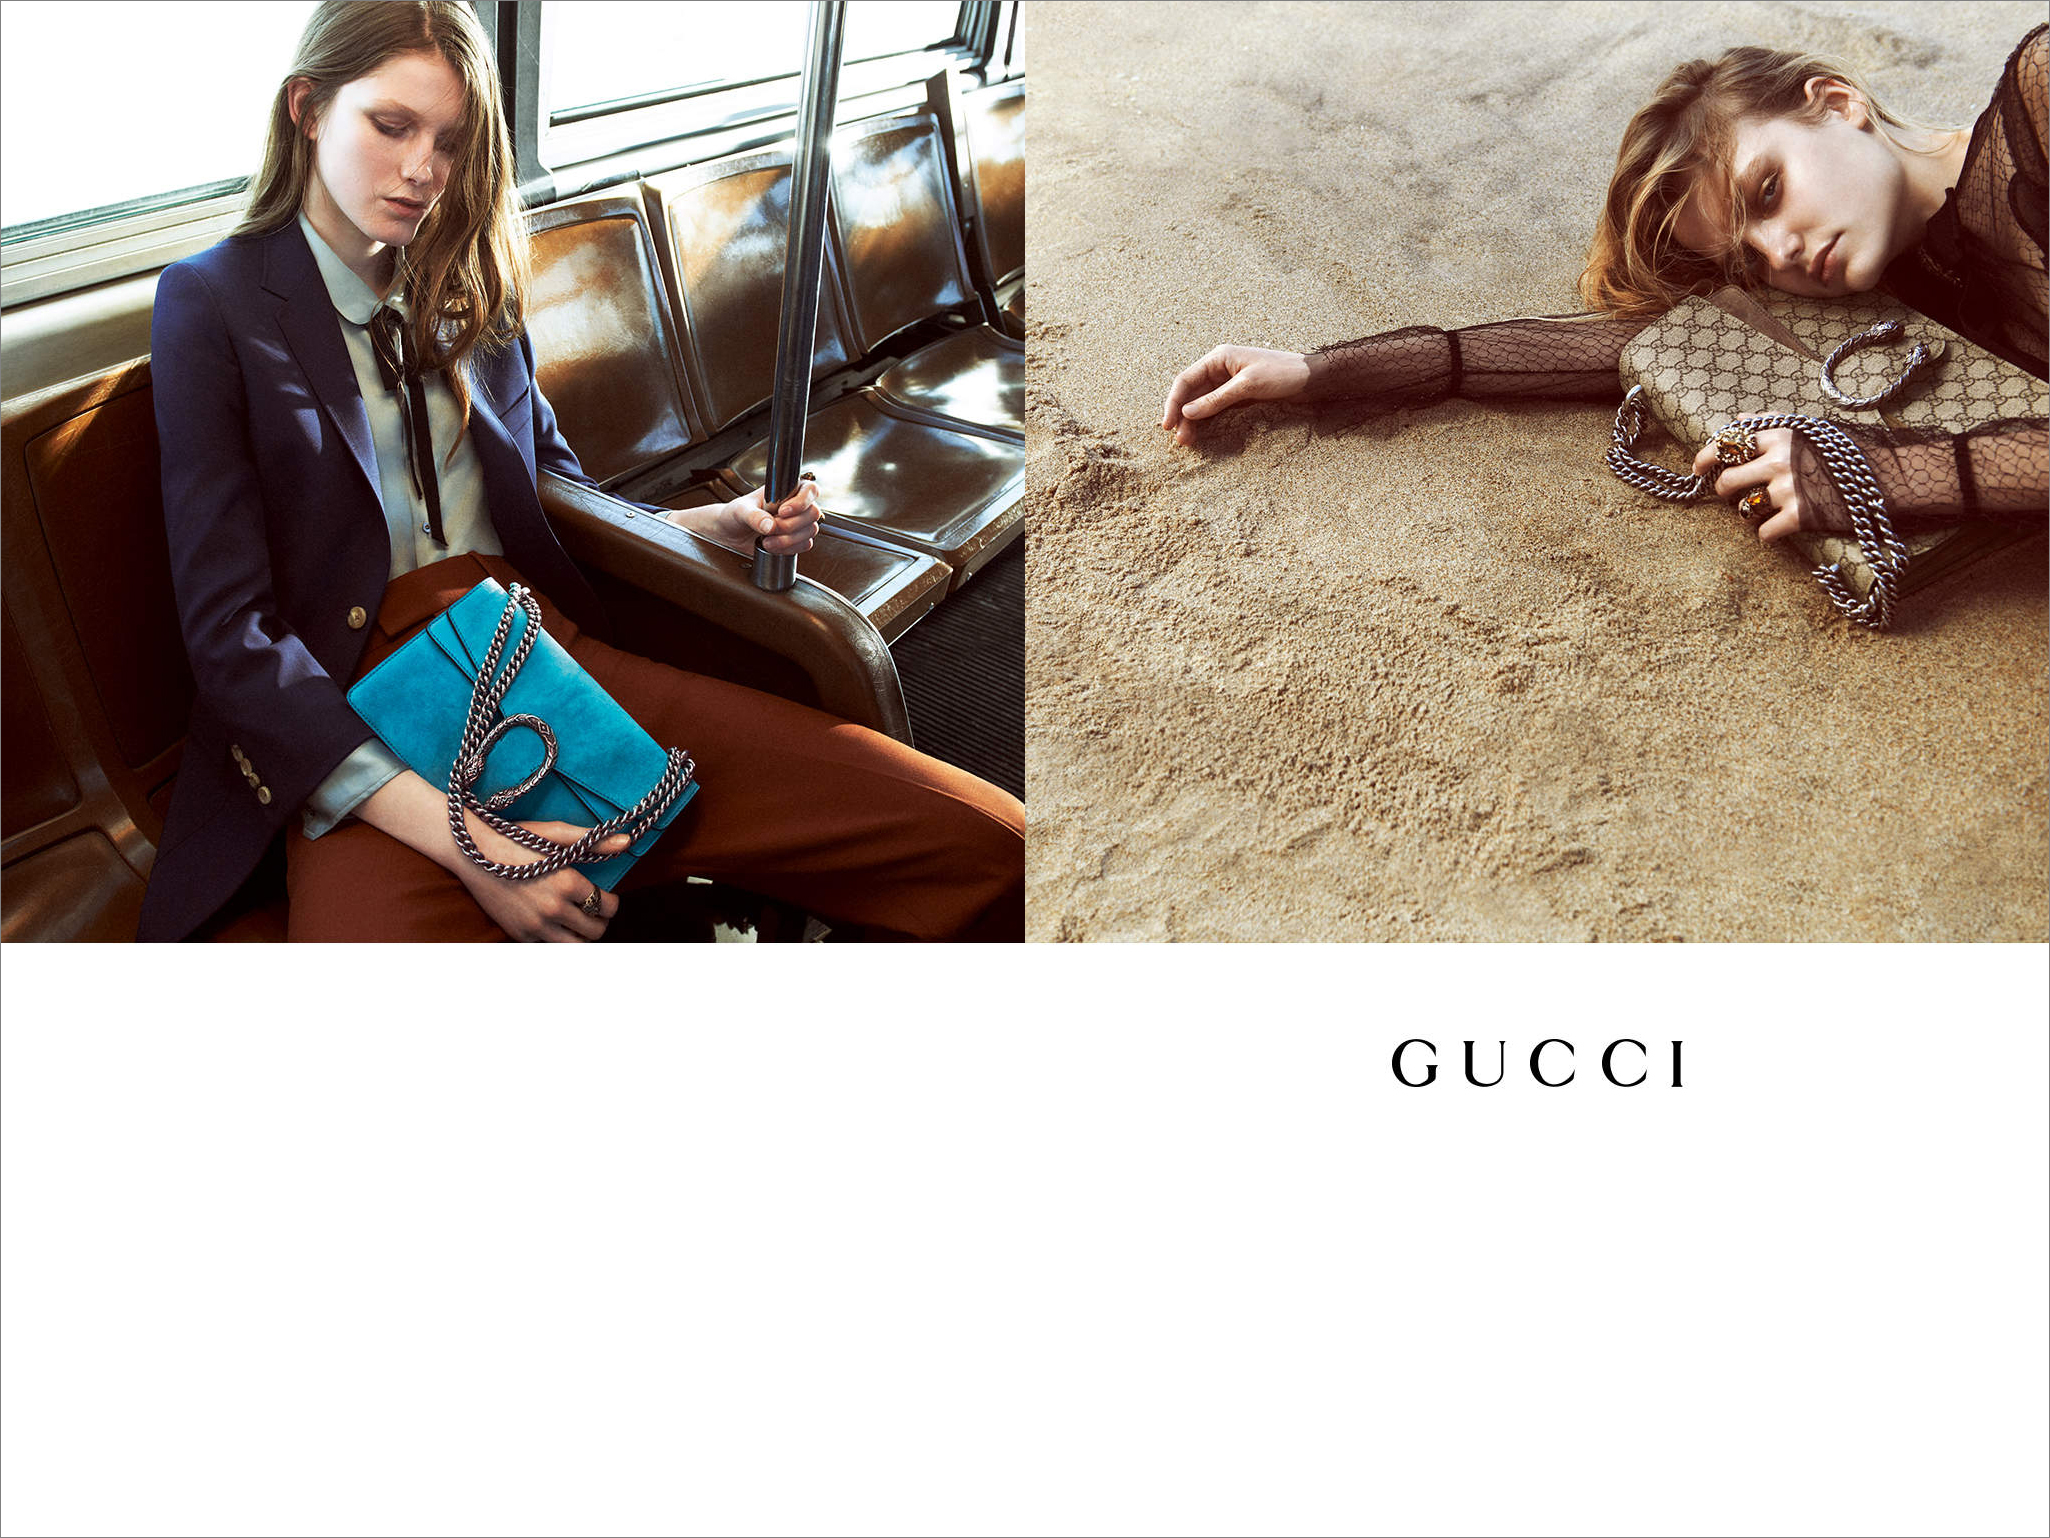 gucci-ad-advertisement-campaign-fall-2015-the-impression-05